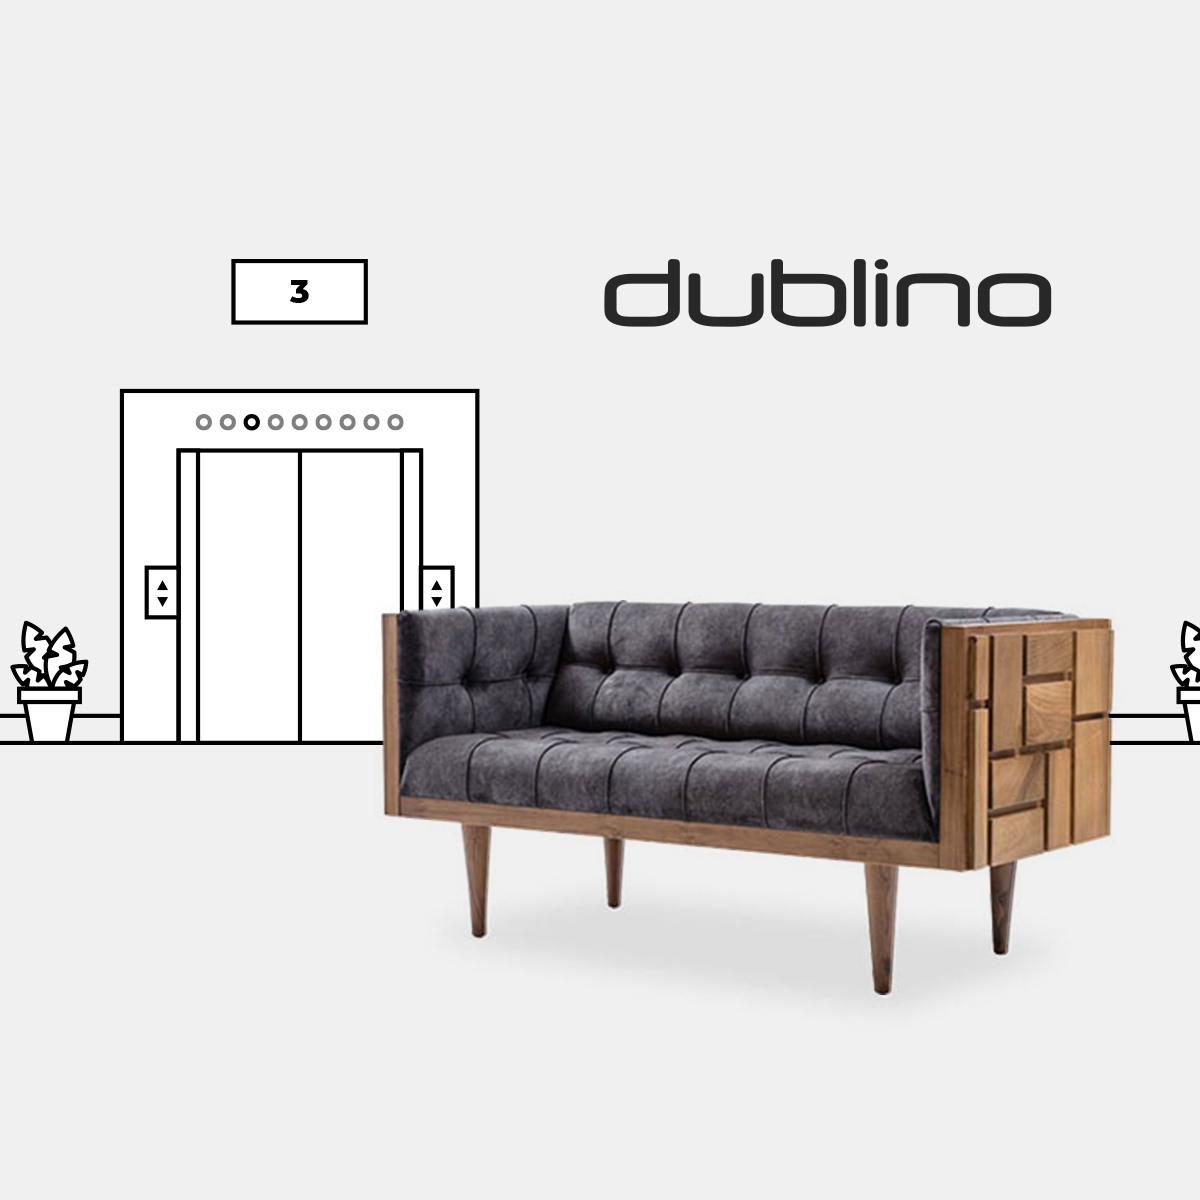 Dublino hotel lobby kampány 2020 - Doppio Creative